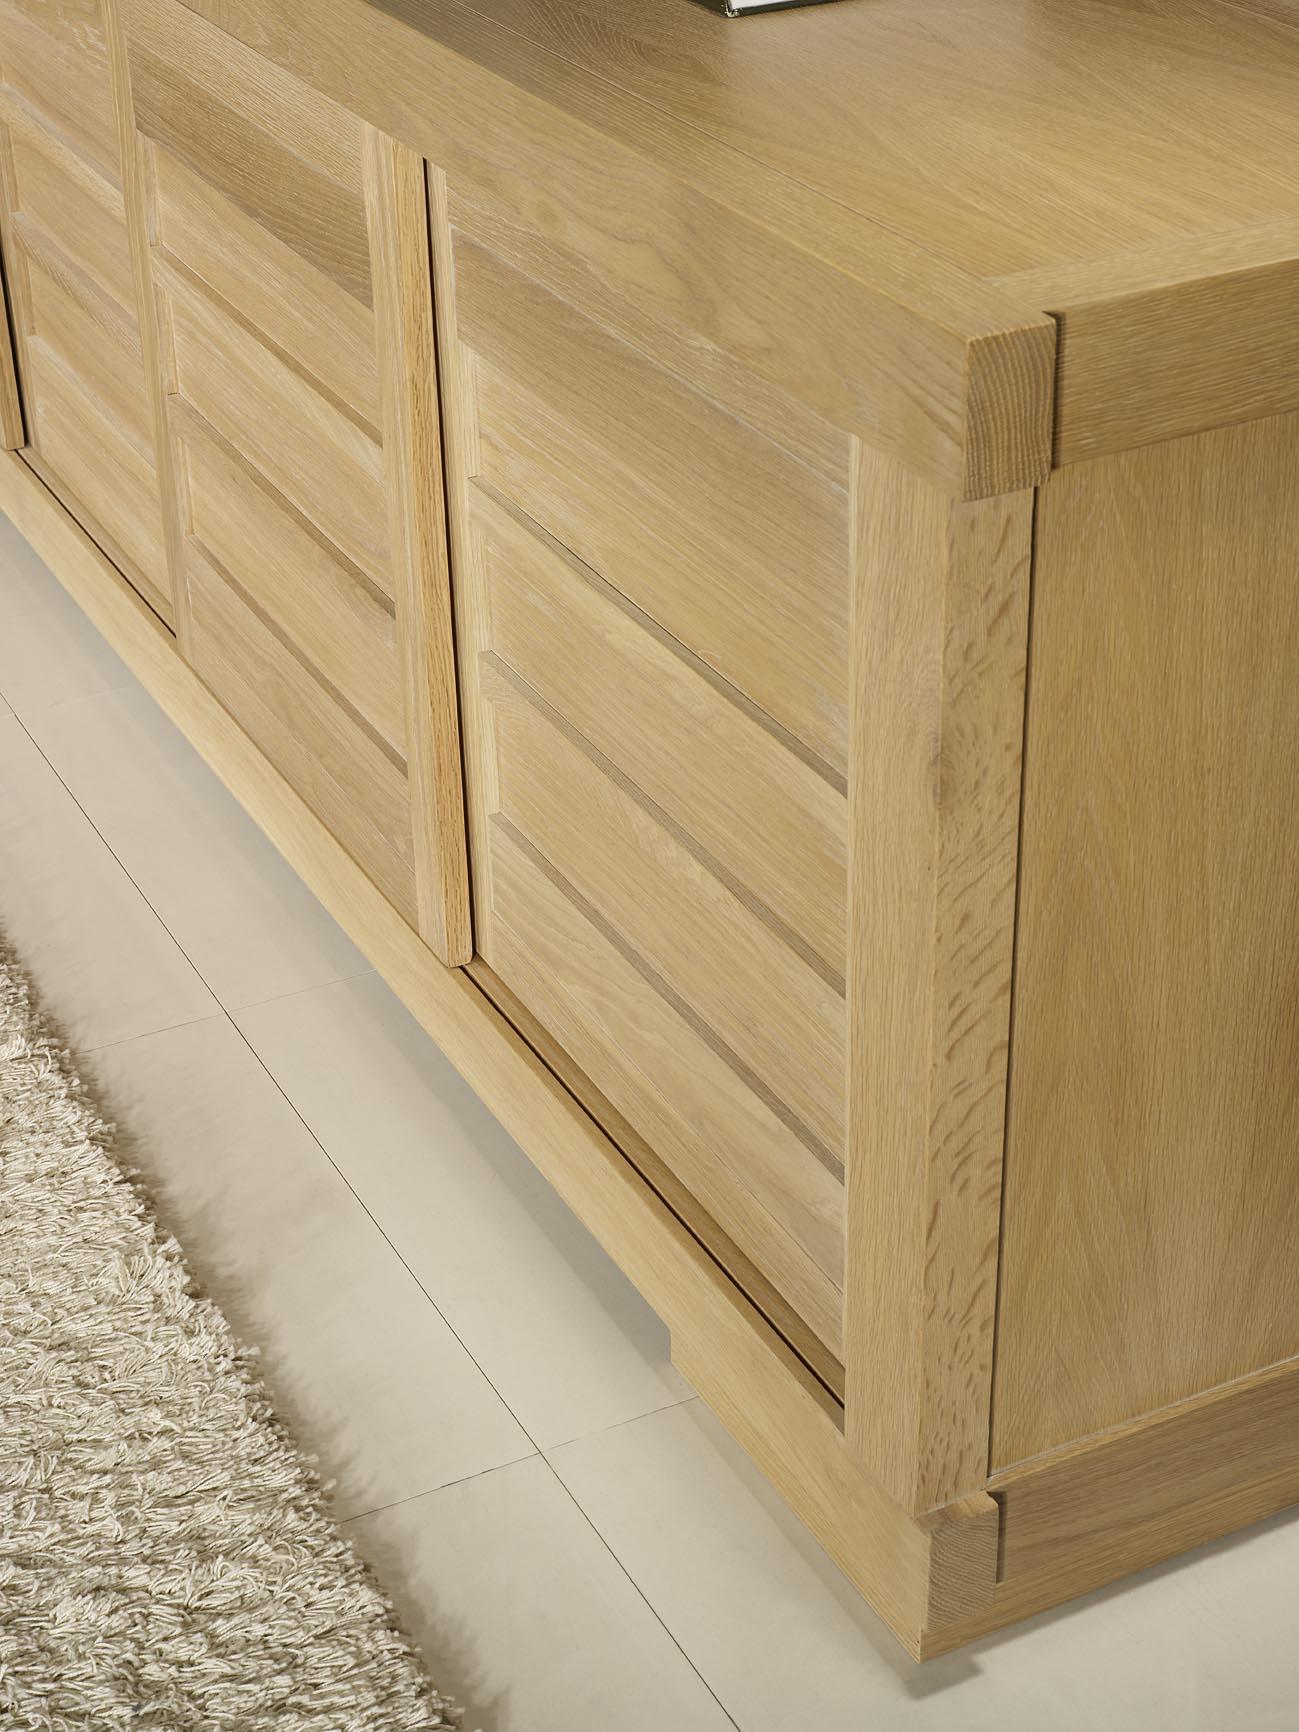 Buffet 4 portes coulissantes en ch ne massif de style contemporain vintage - Buffet bois massif contemporain ...